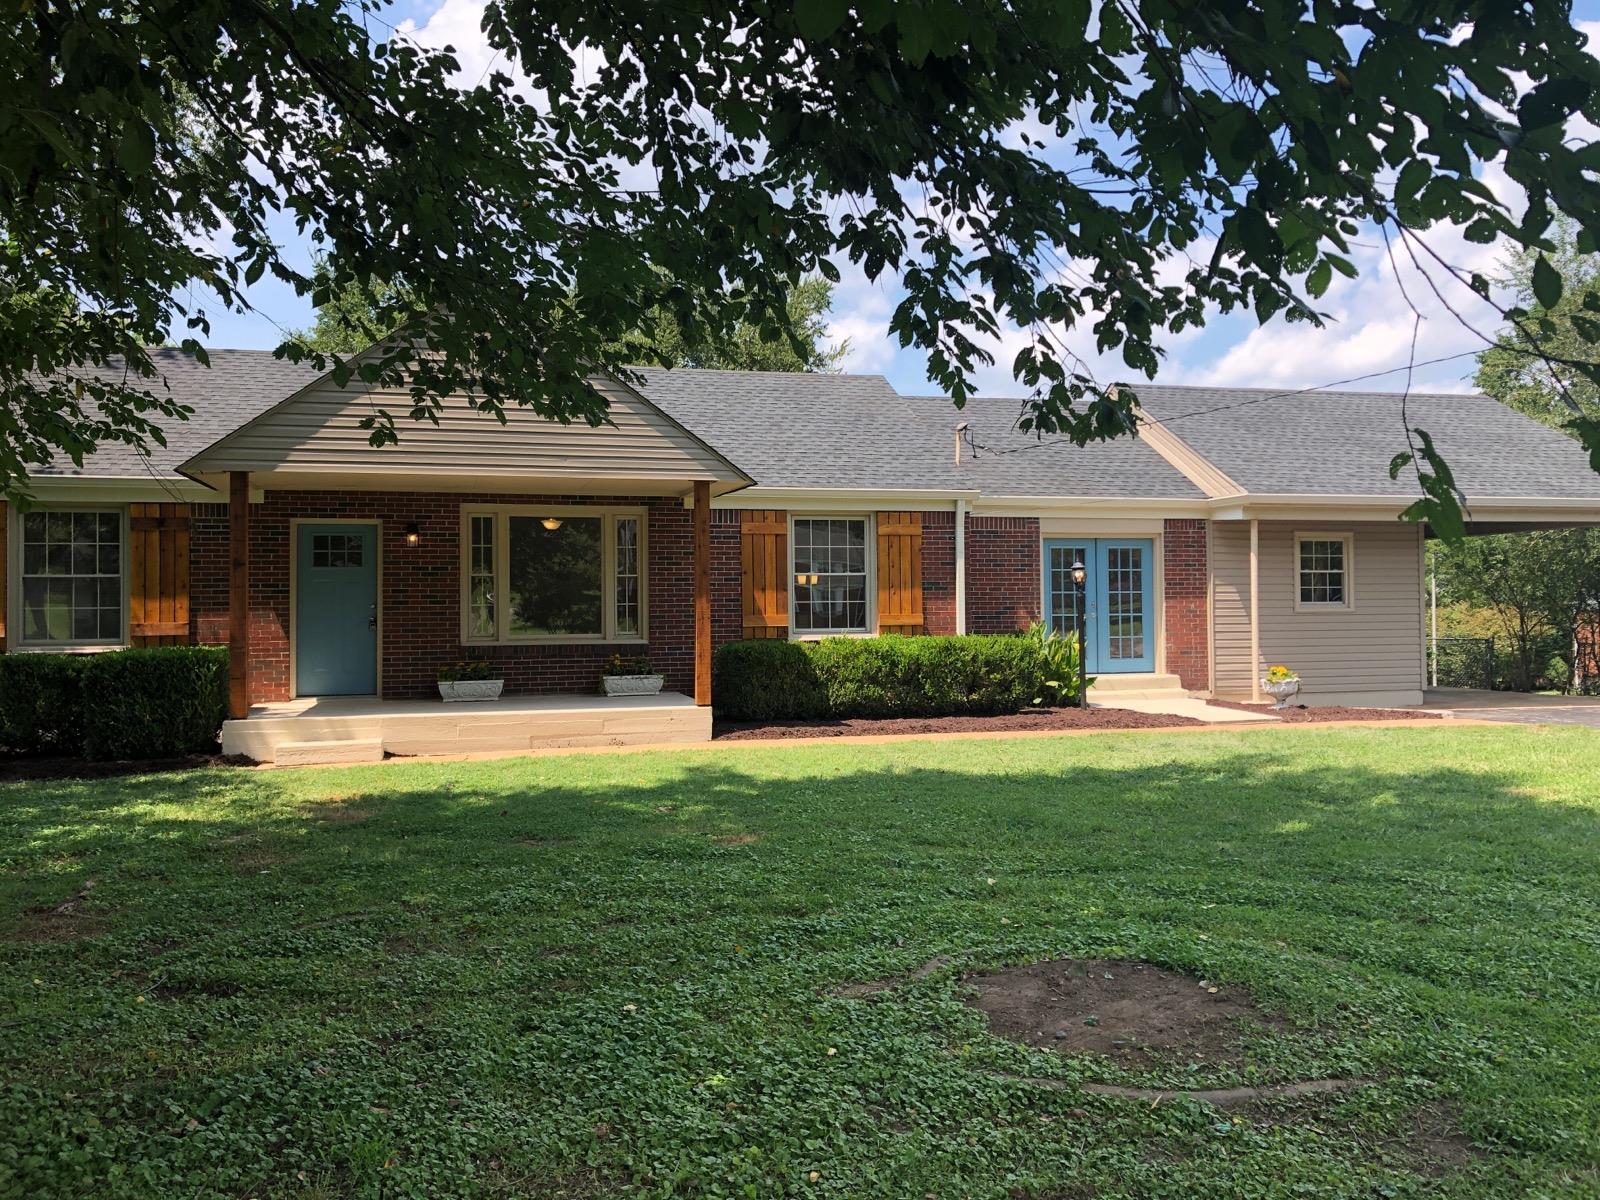 407 Barrett Rd, Nashville, TN 37211 - Nashville, TN real estate listing